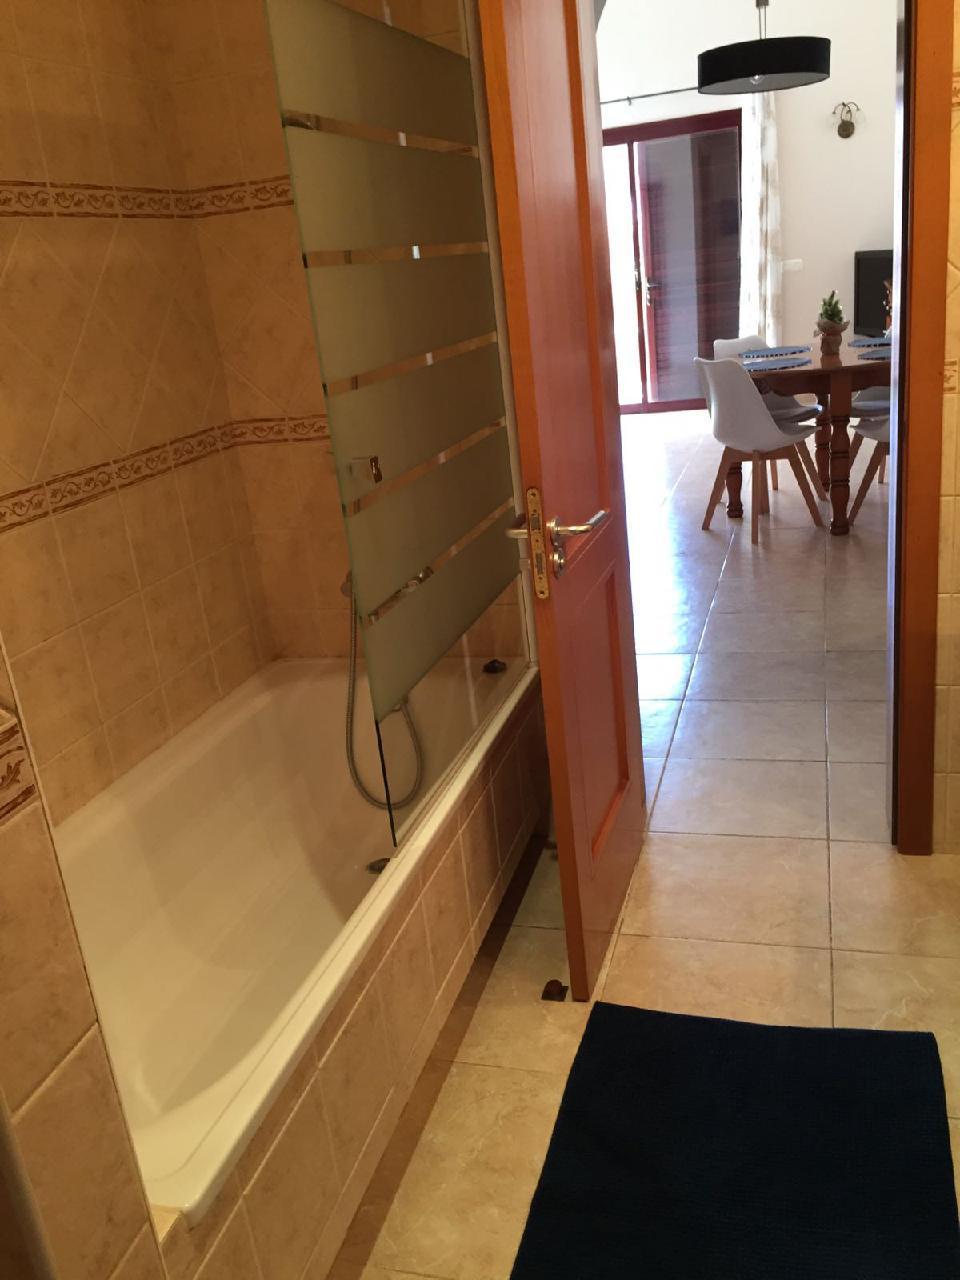 Ferienhaus Casa BELLA 150 vom strand, grill, garten , WiFi (2066771), Costa Calma, Fuerteventura, Kanarische Inseln, Spanien, Bild 27